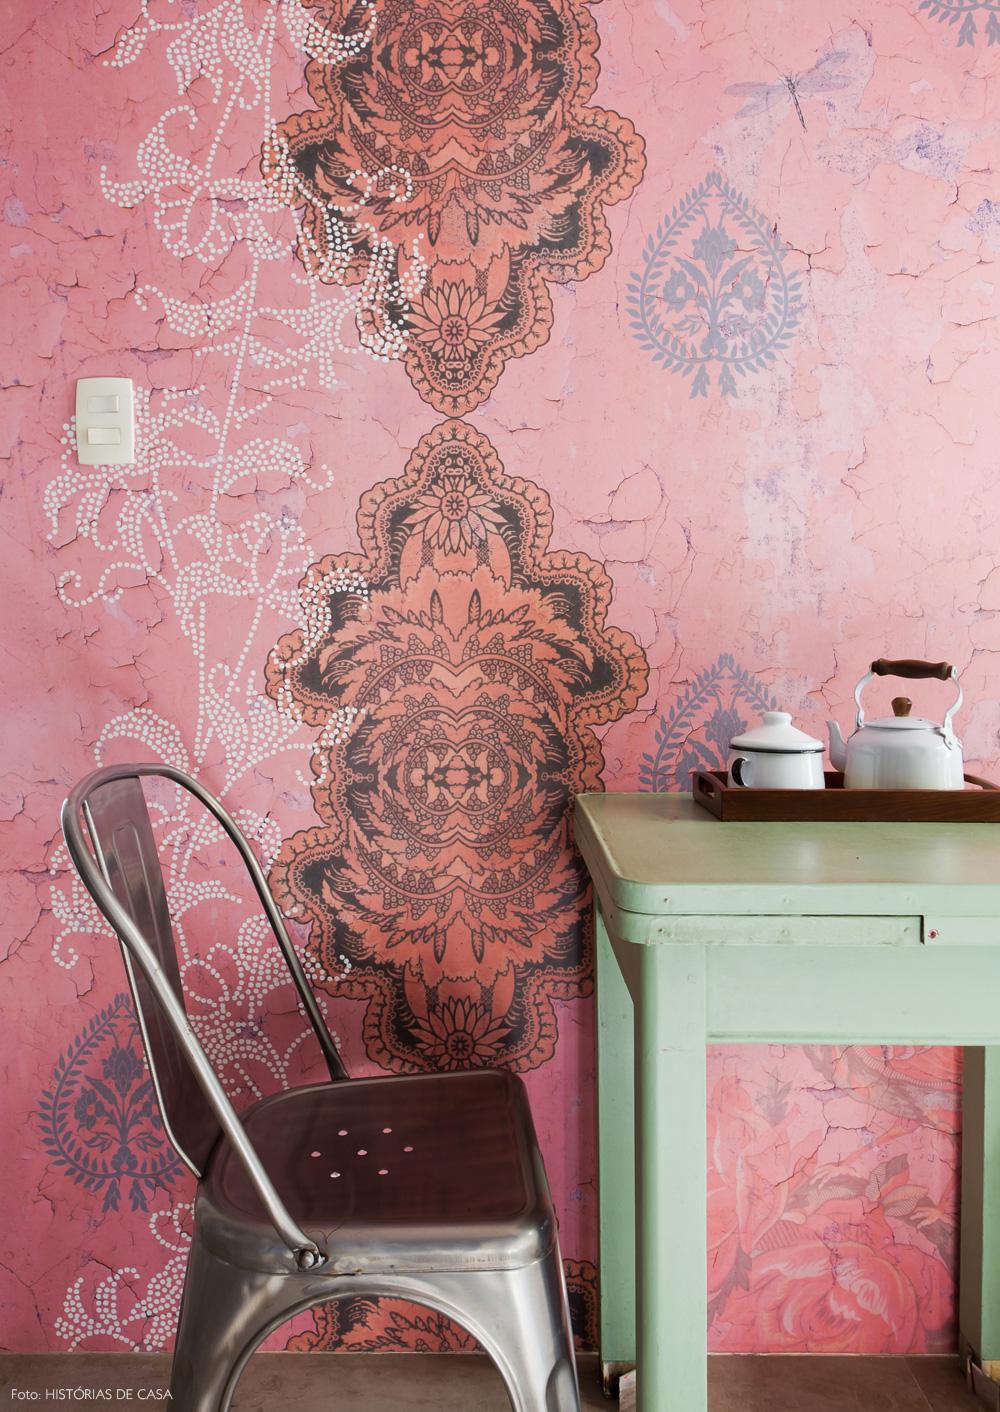 17-decoracao-papel-de-parede-calu-fontes-rosa-branco